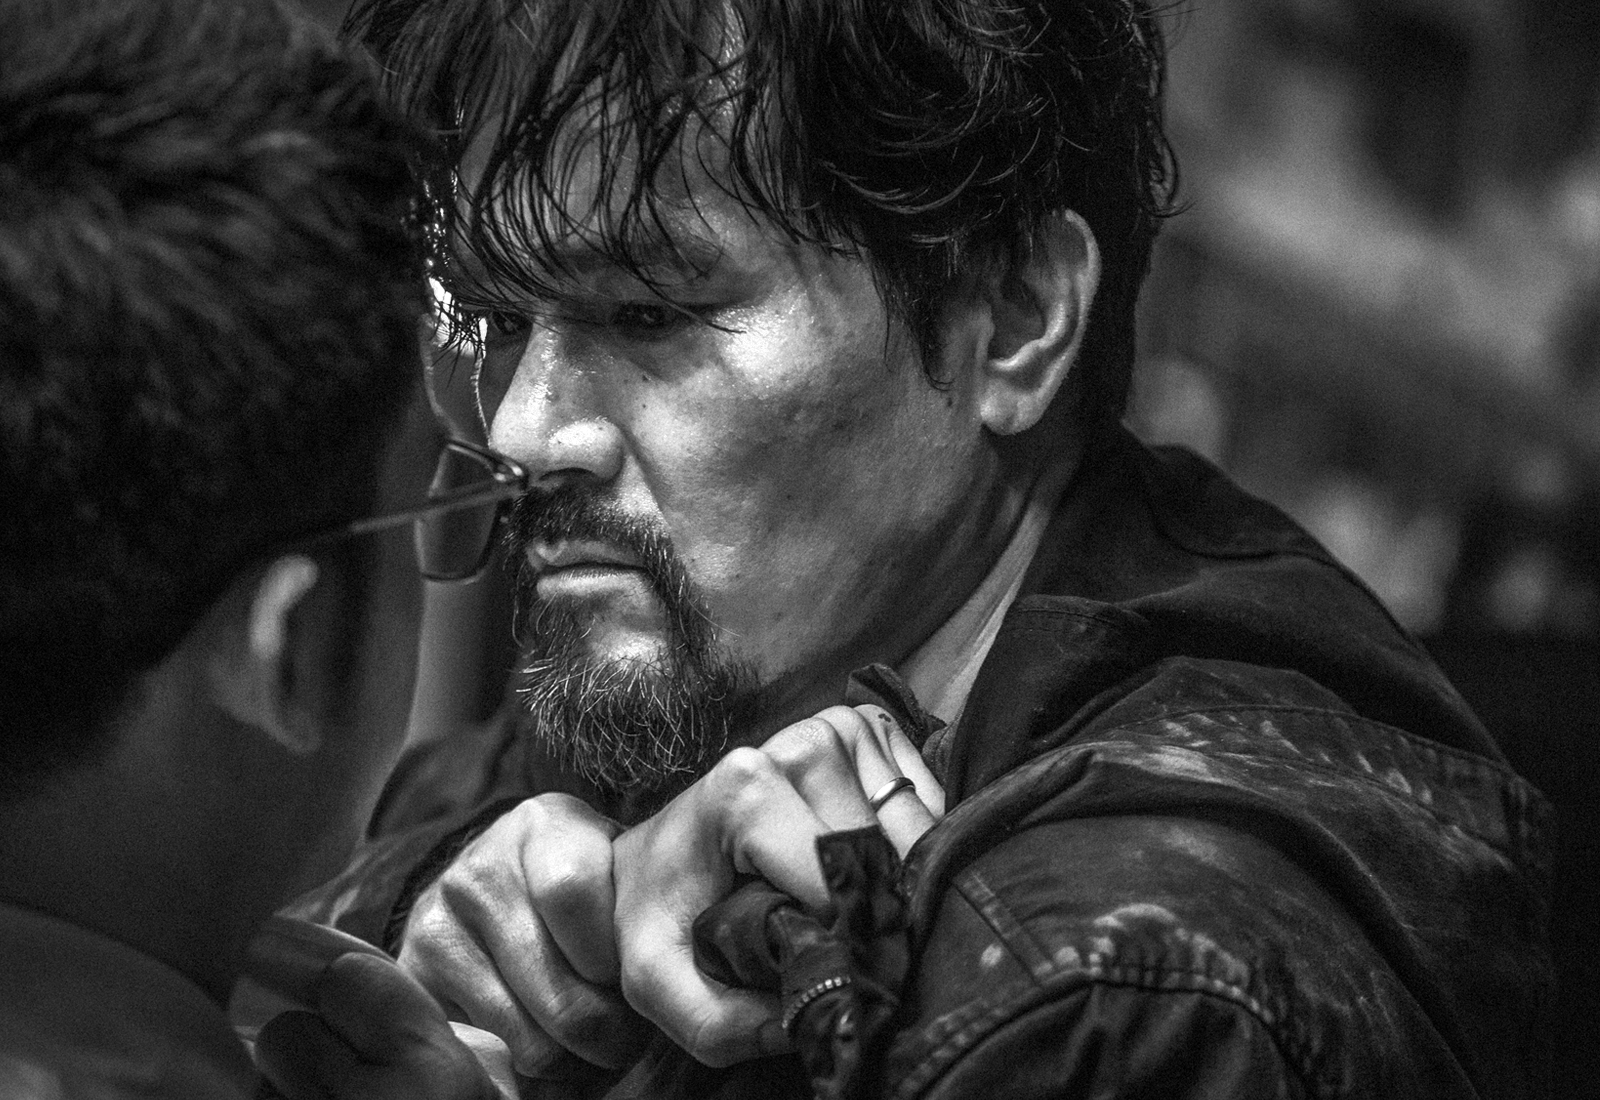 Cham Lau (Ka Tung Lam) versucht mit seiner Hand die seines Gegenüber von seiner Jacke zu entfernen. Er trägt eine schwarze Jacke und blickt mit leeren Augen drein. Von hinten erkennt man den Hinterkopf von Will Ren mit Brille.